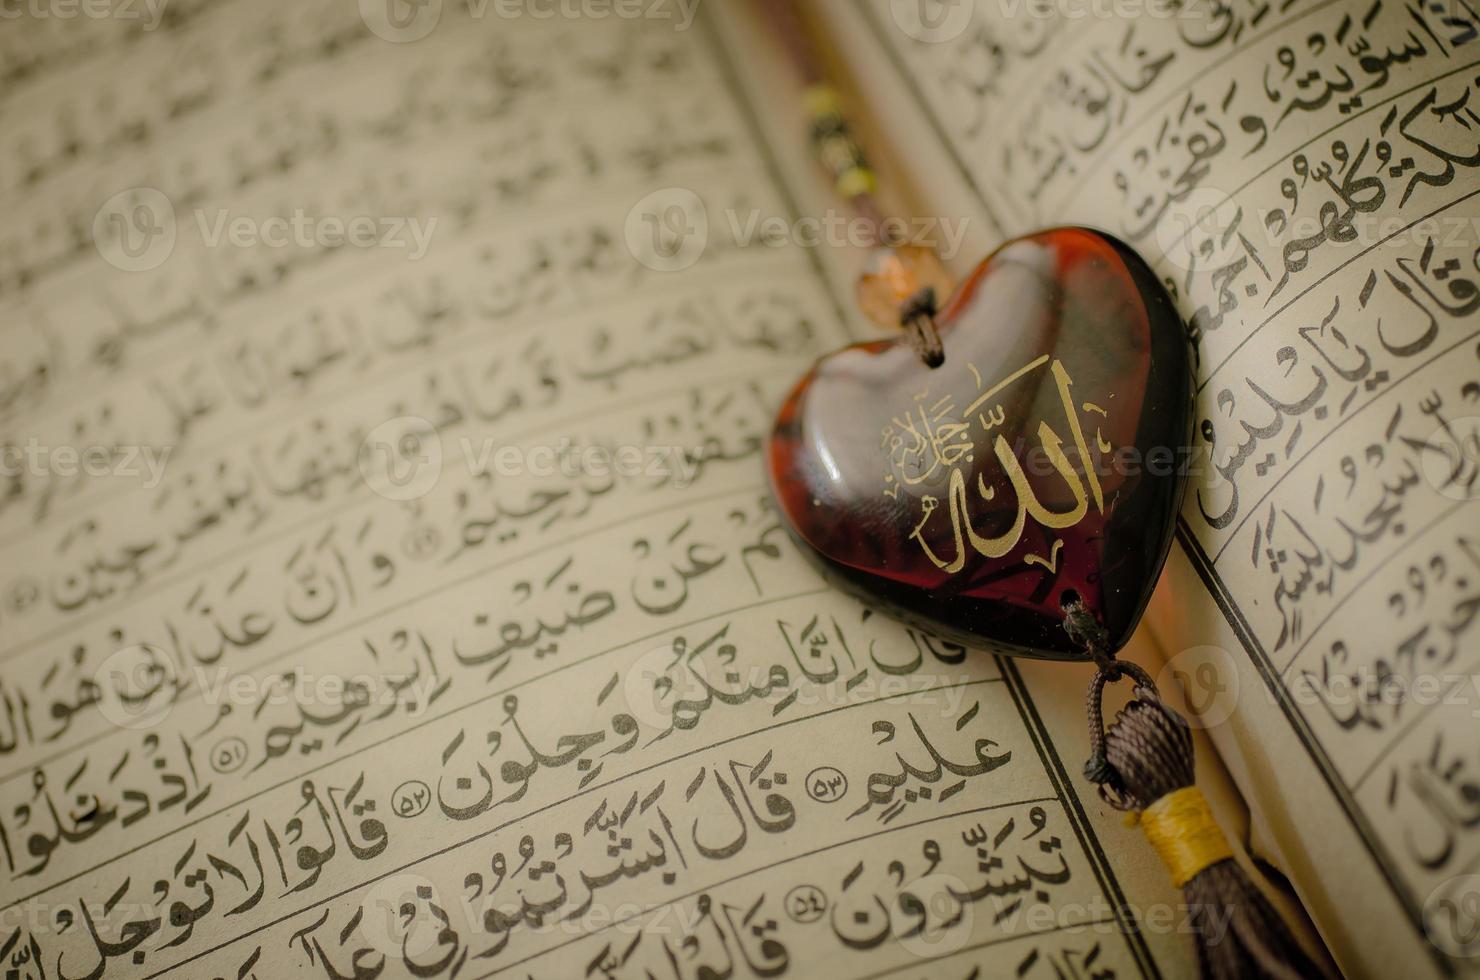 Allah islam foto